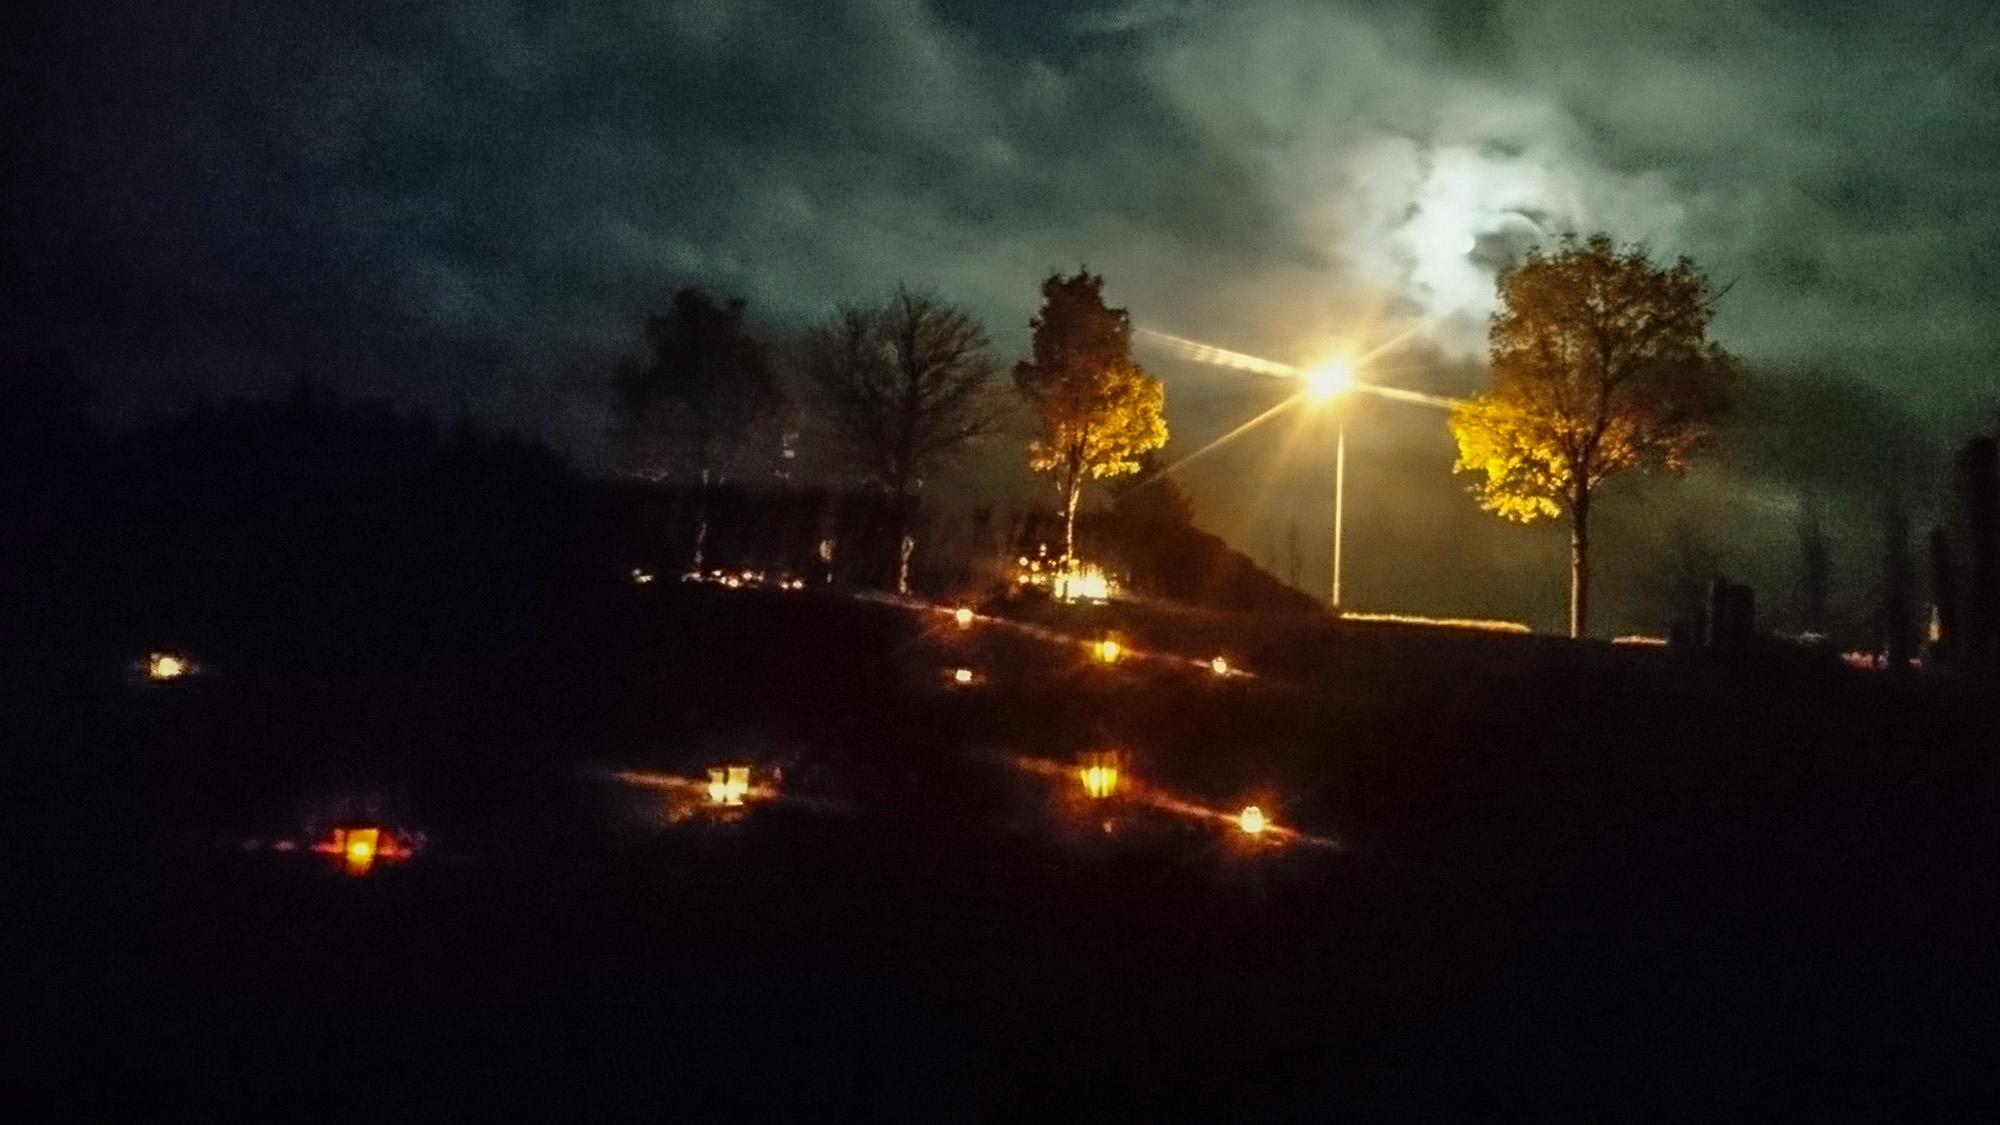 Alla helgons dag, eller natt, på Brösarps kyrkogård.